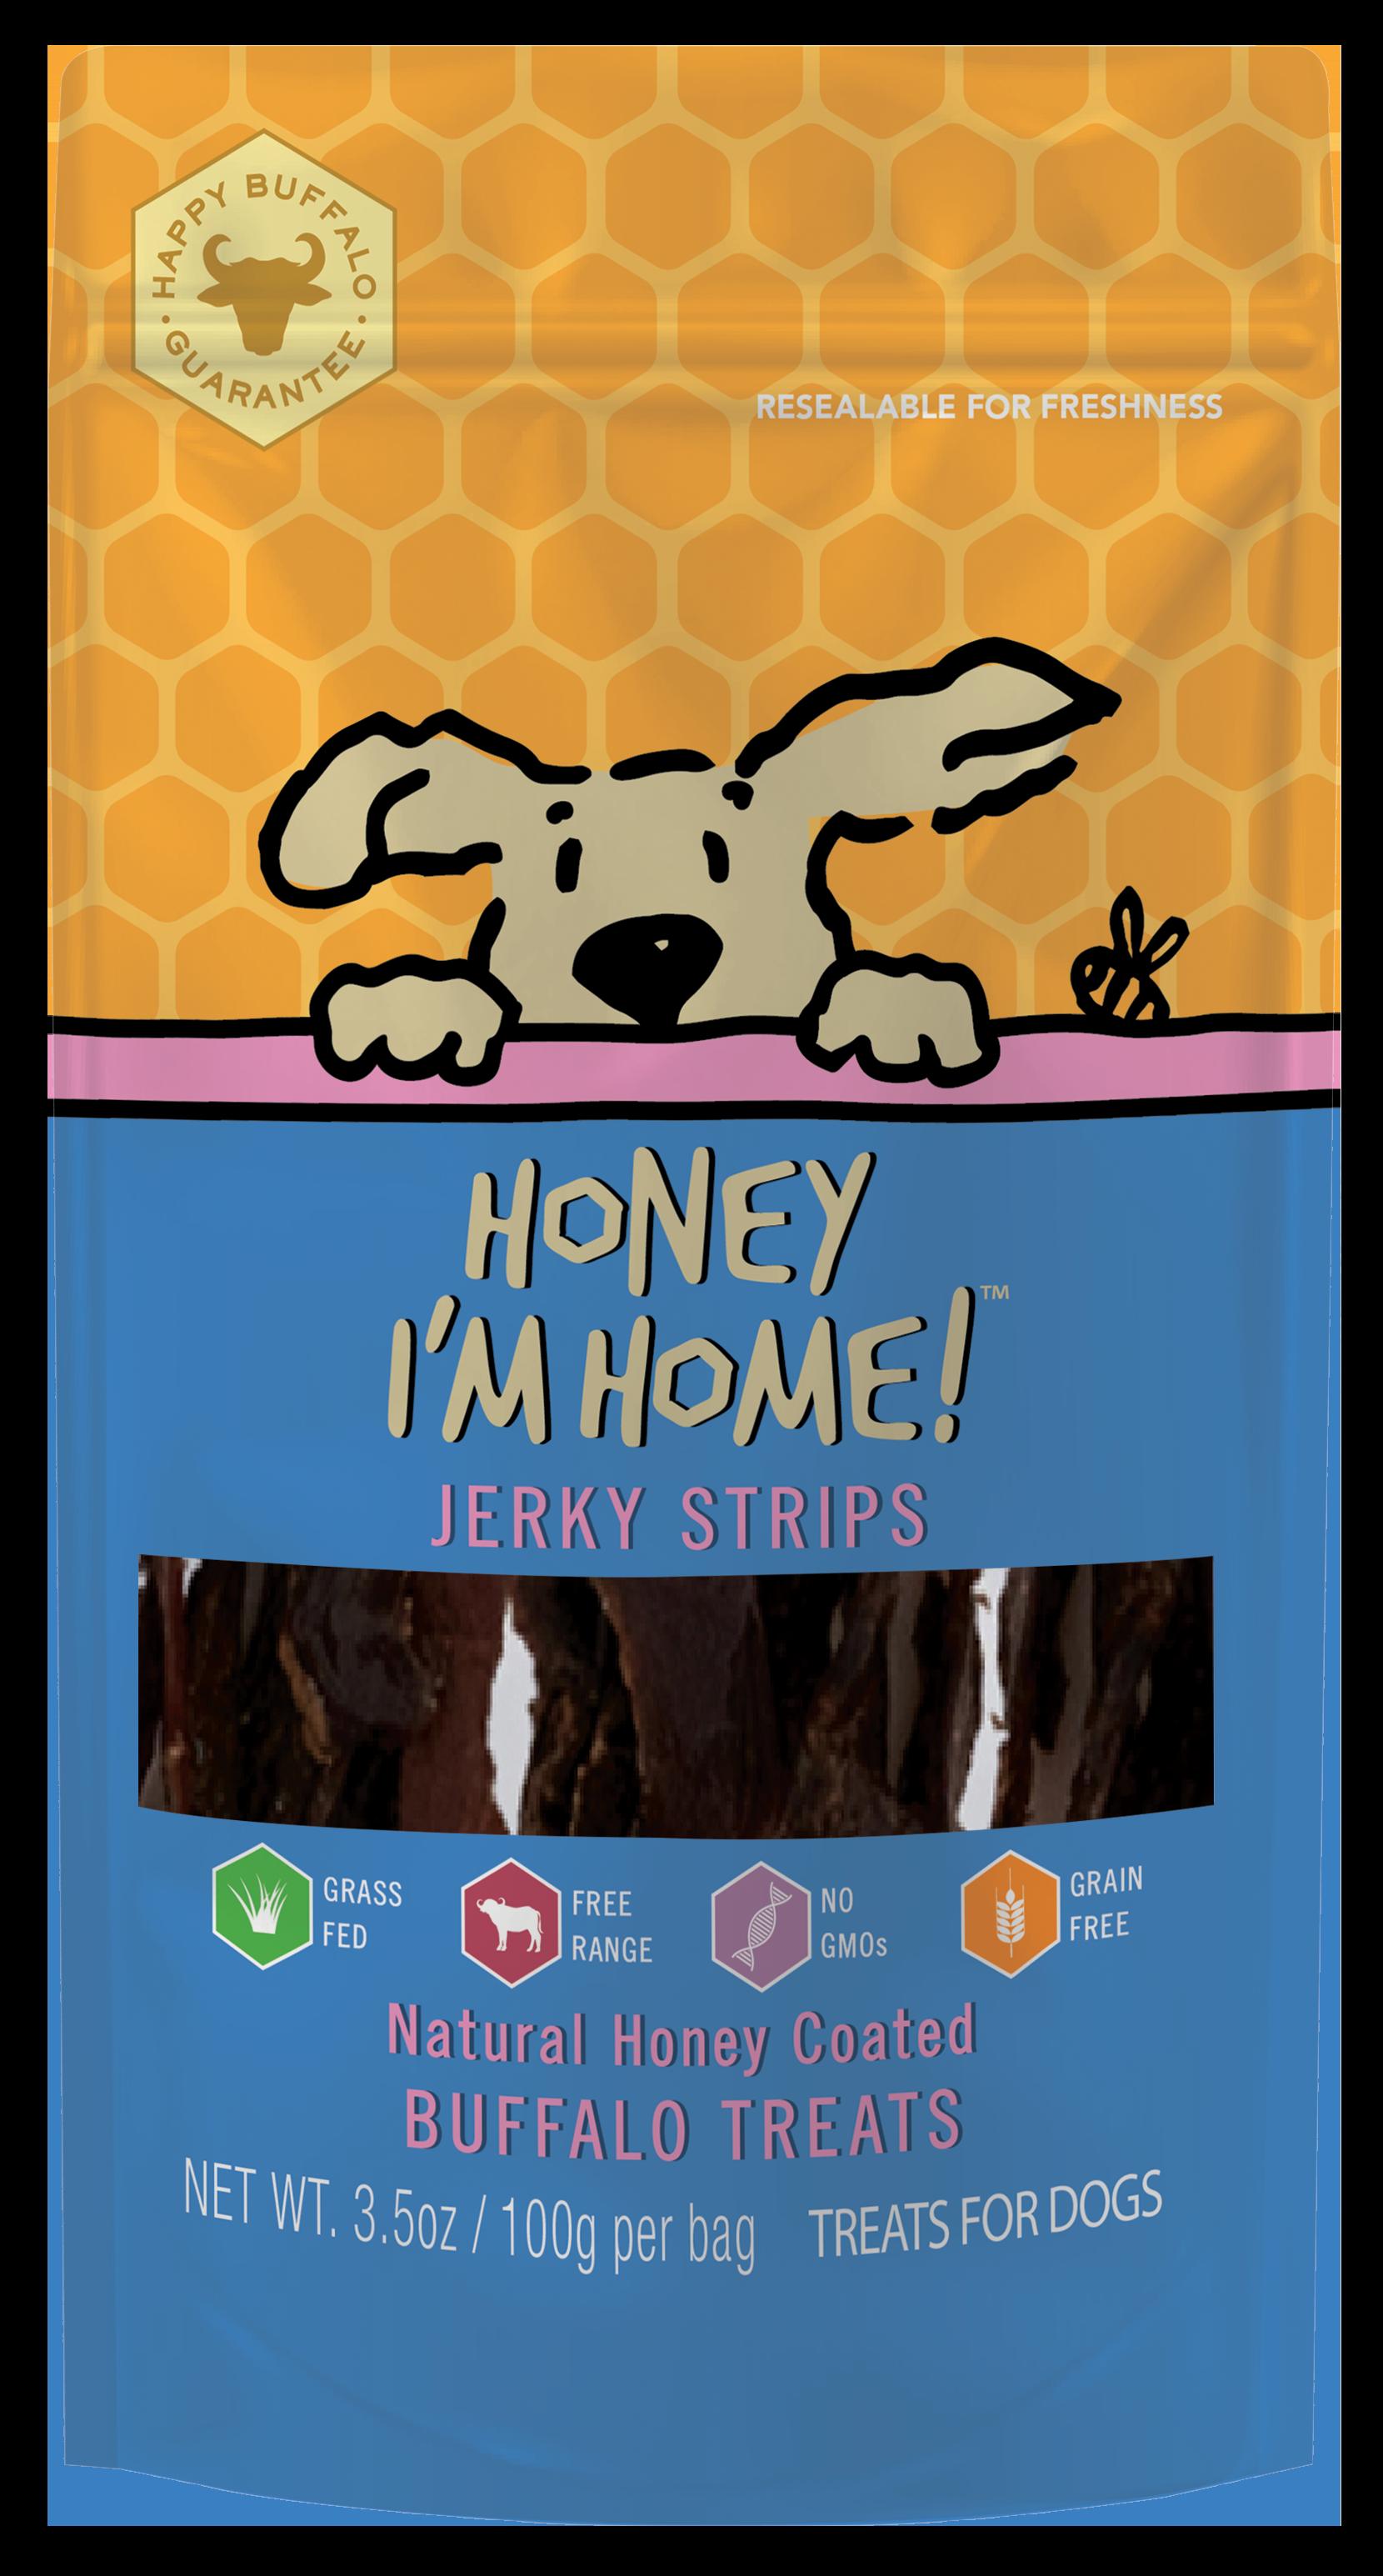 Honey I'm Home Natural Honey Coated Buffalo Jerky Dog Treats, 3.5-oz